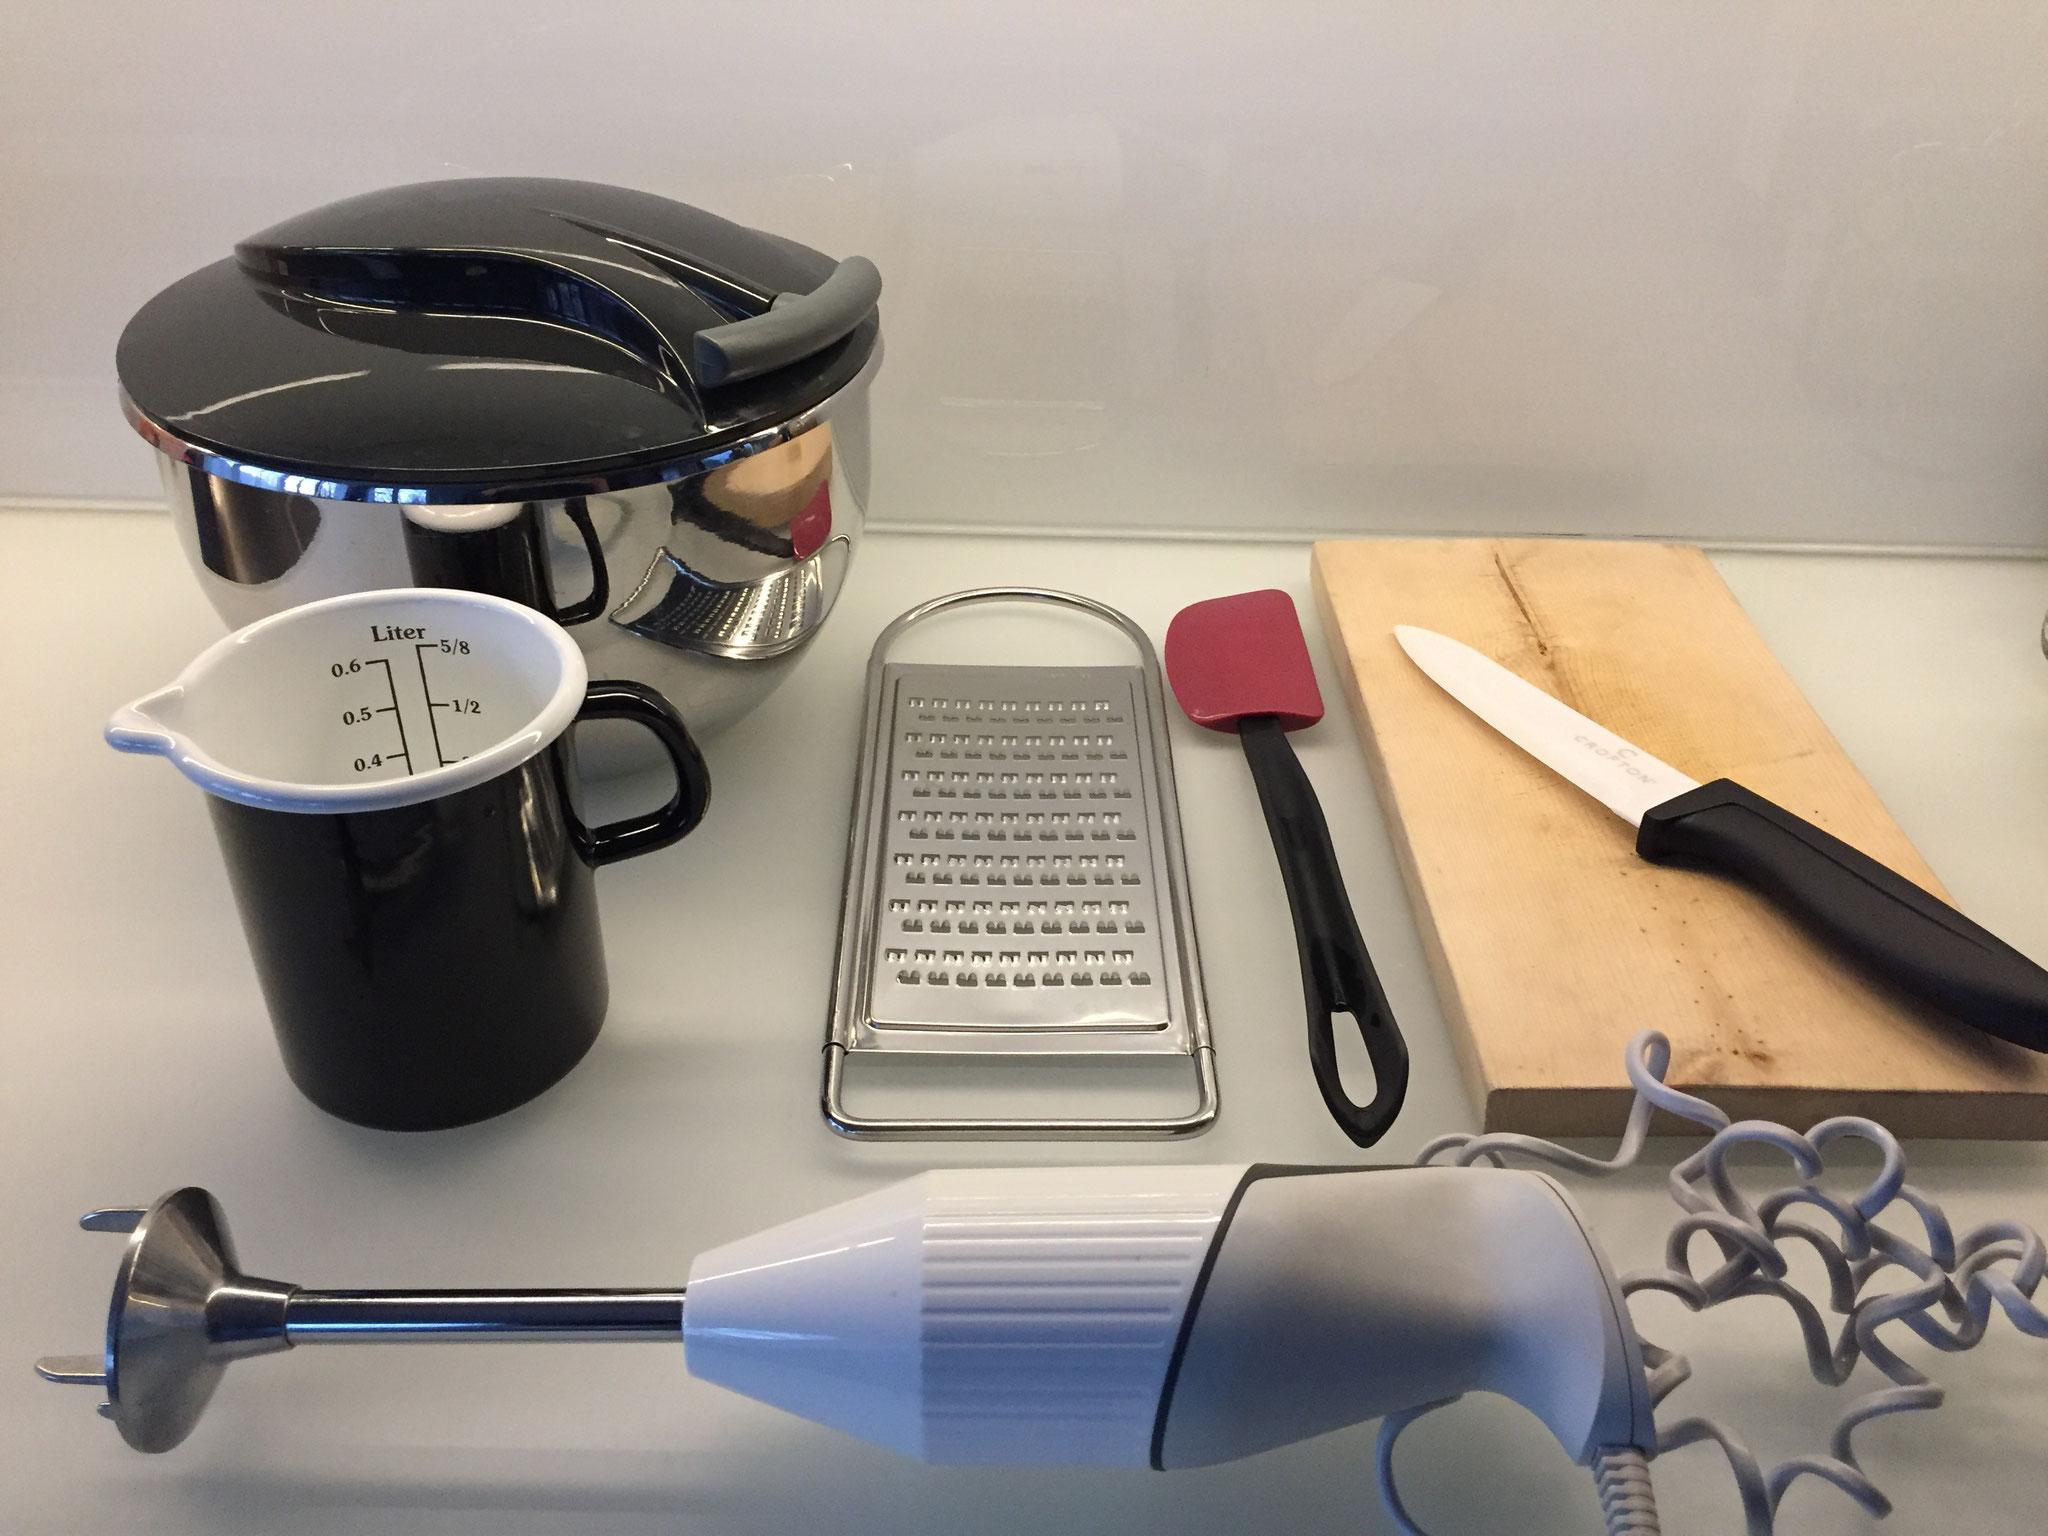 Eine Salat Schleuder, Mixer, Masskrug, Brett, Messer, Raffel, Mörser und einen Nuss Knacker.